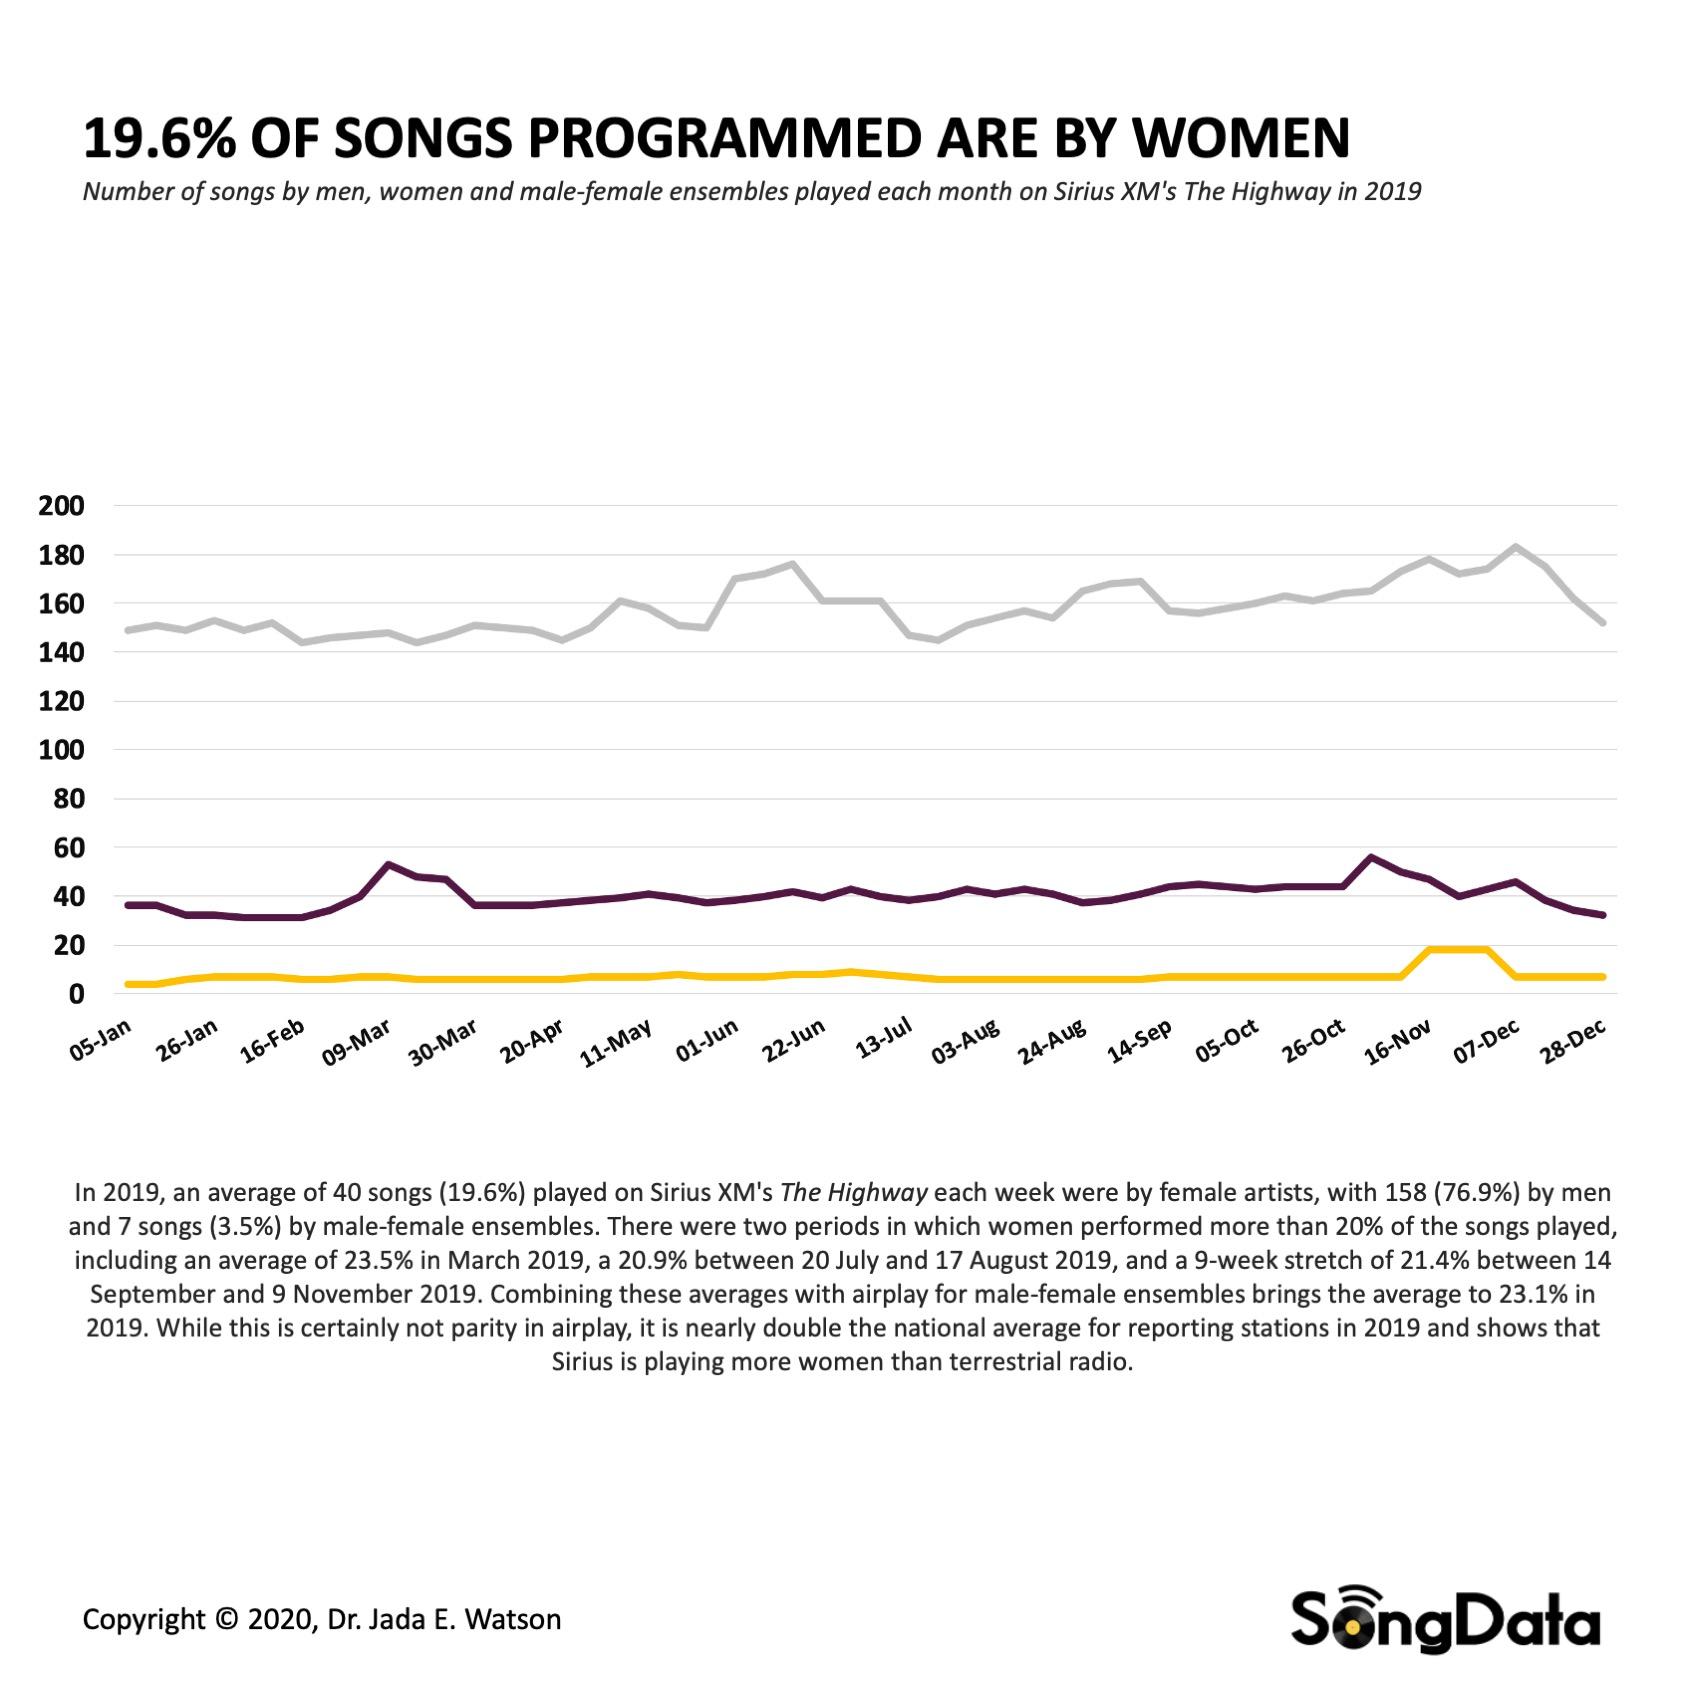 SongData-Watson_SiriusXM-Songs-Weekly